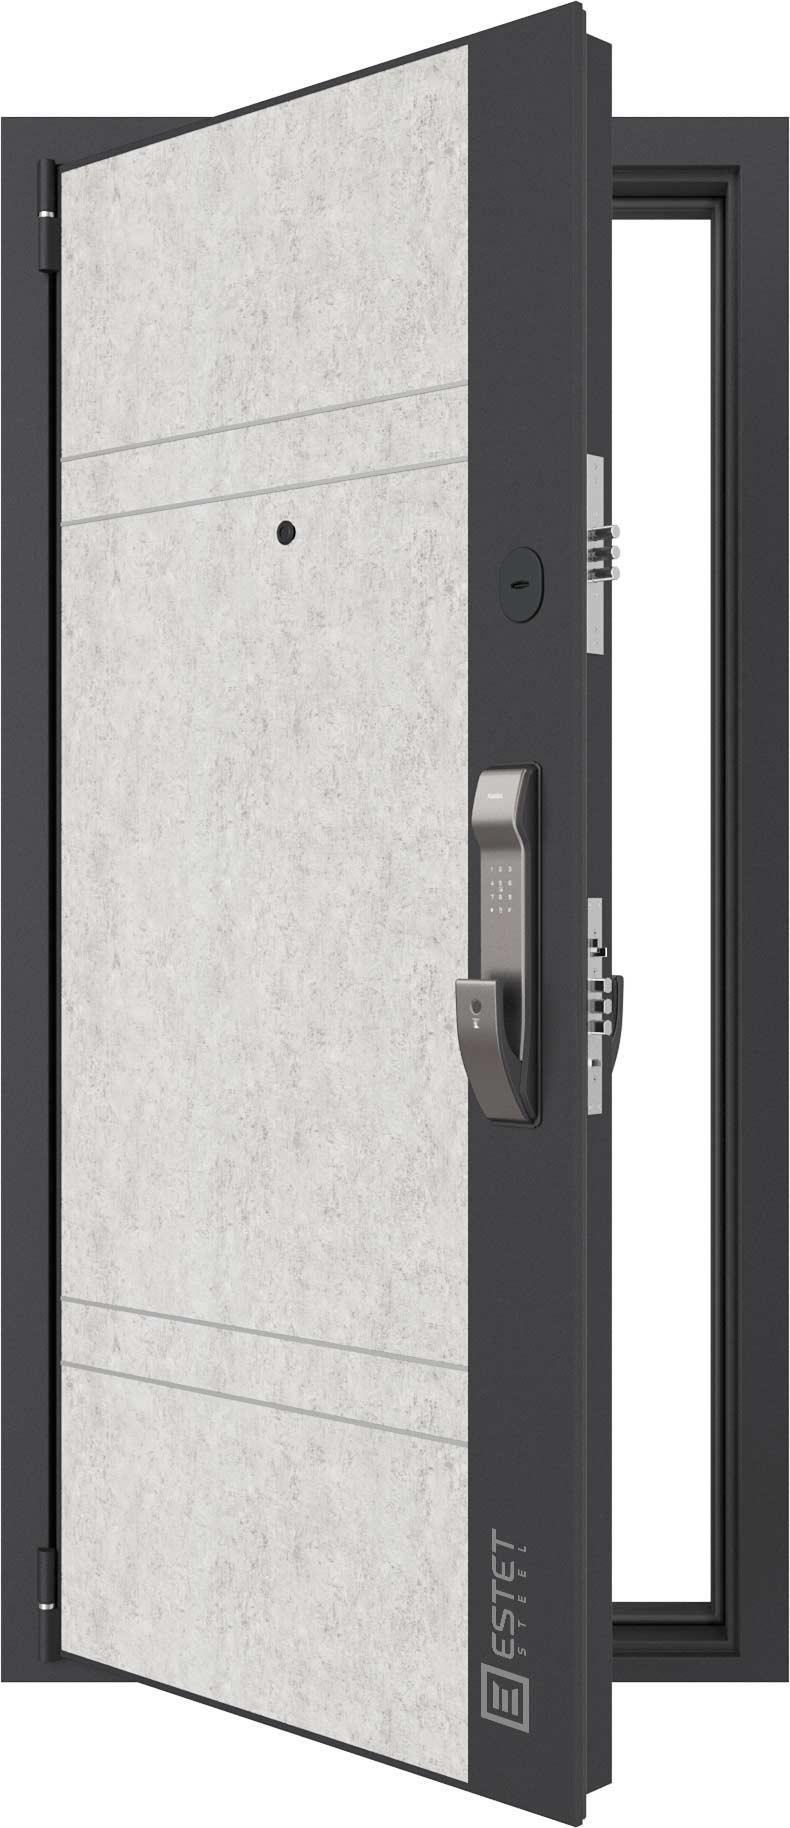 Входная дверь Дверь Лофт SMART 4.2 с электронным замком